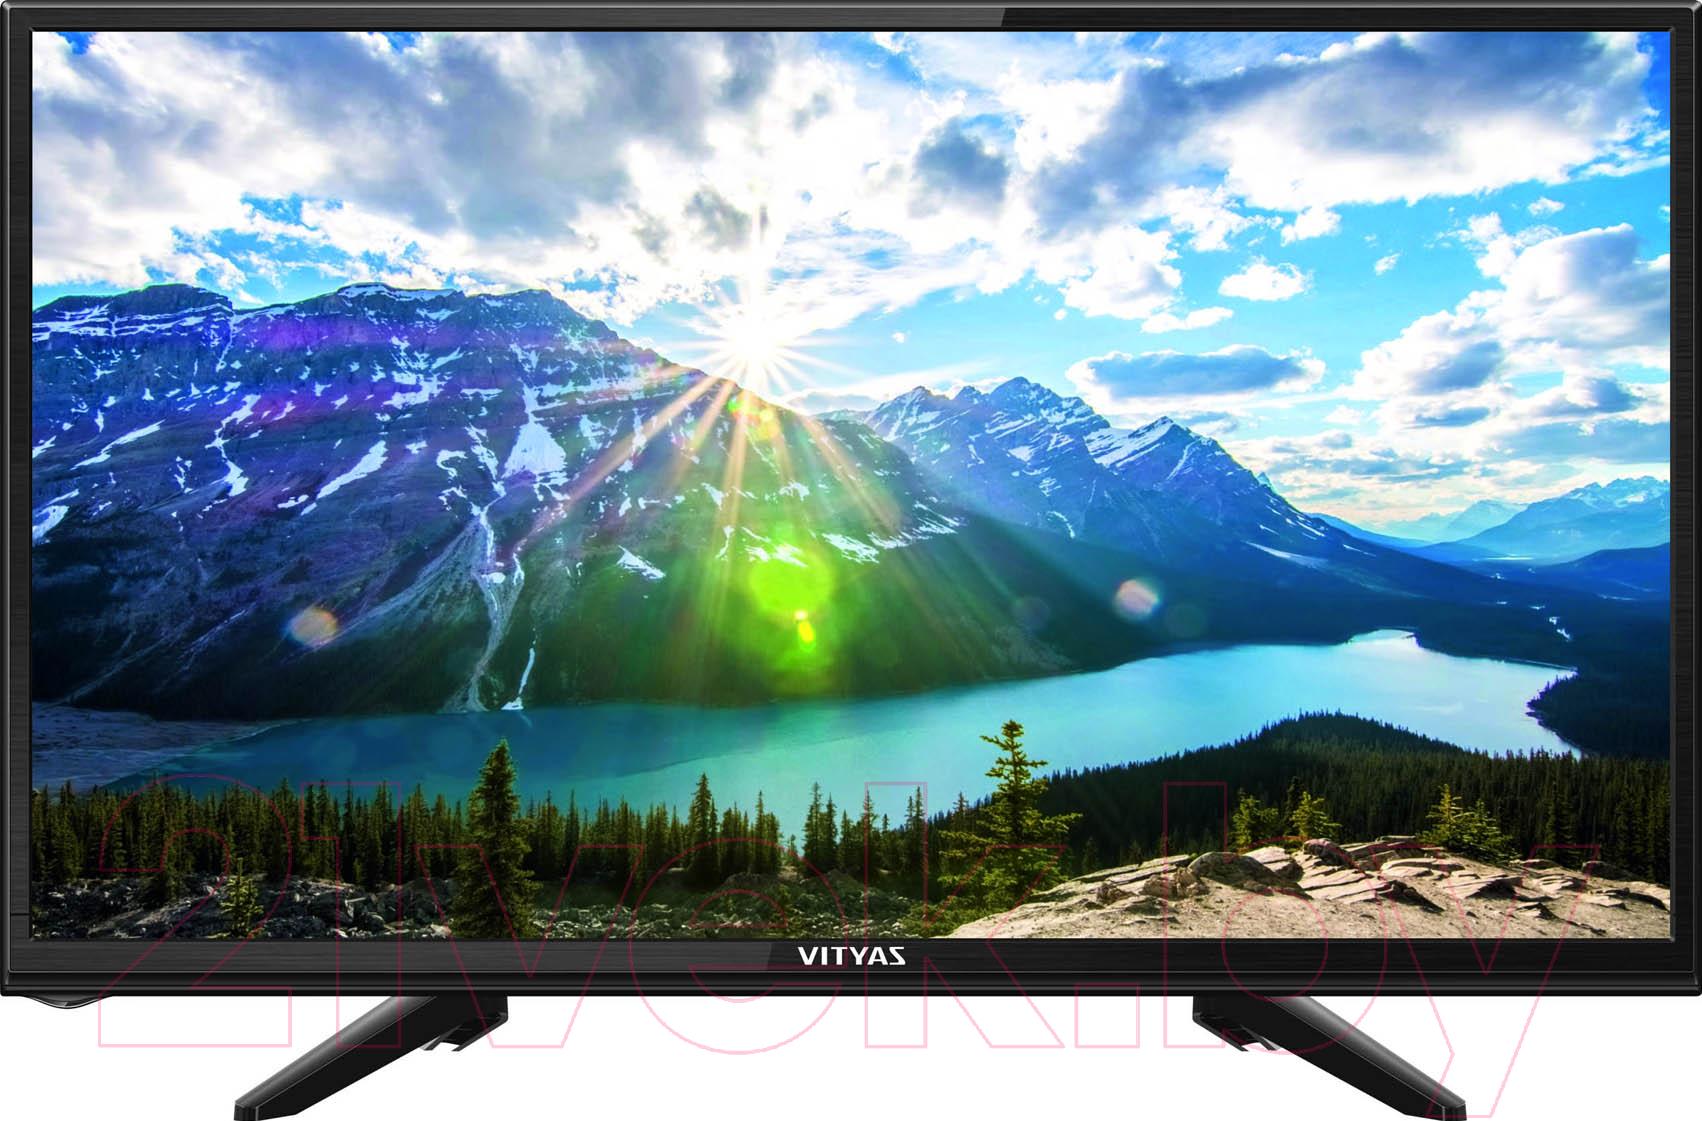 Купить Телевизор Витязь, 24LH0201, Беларусь